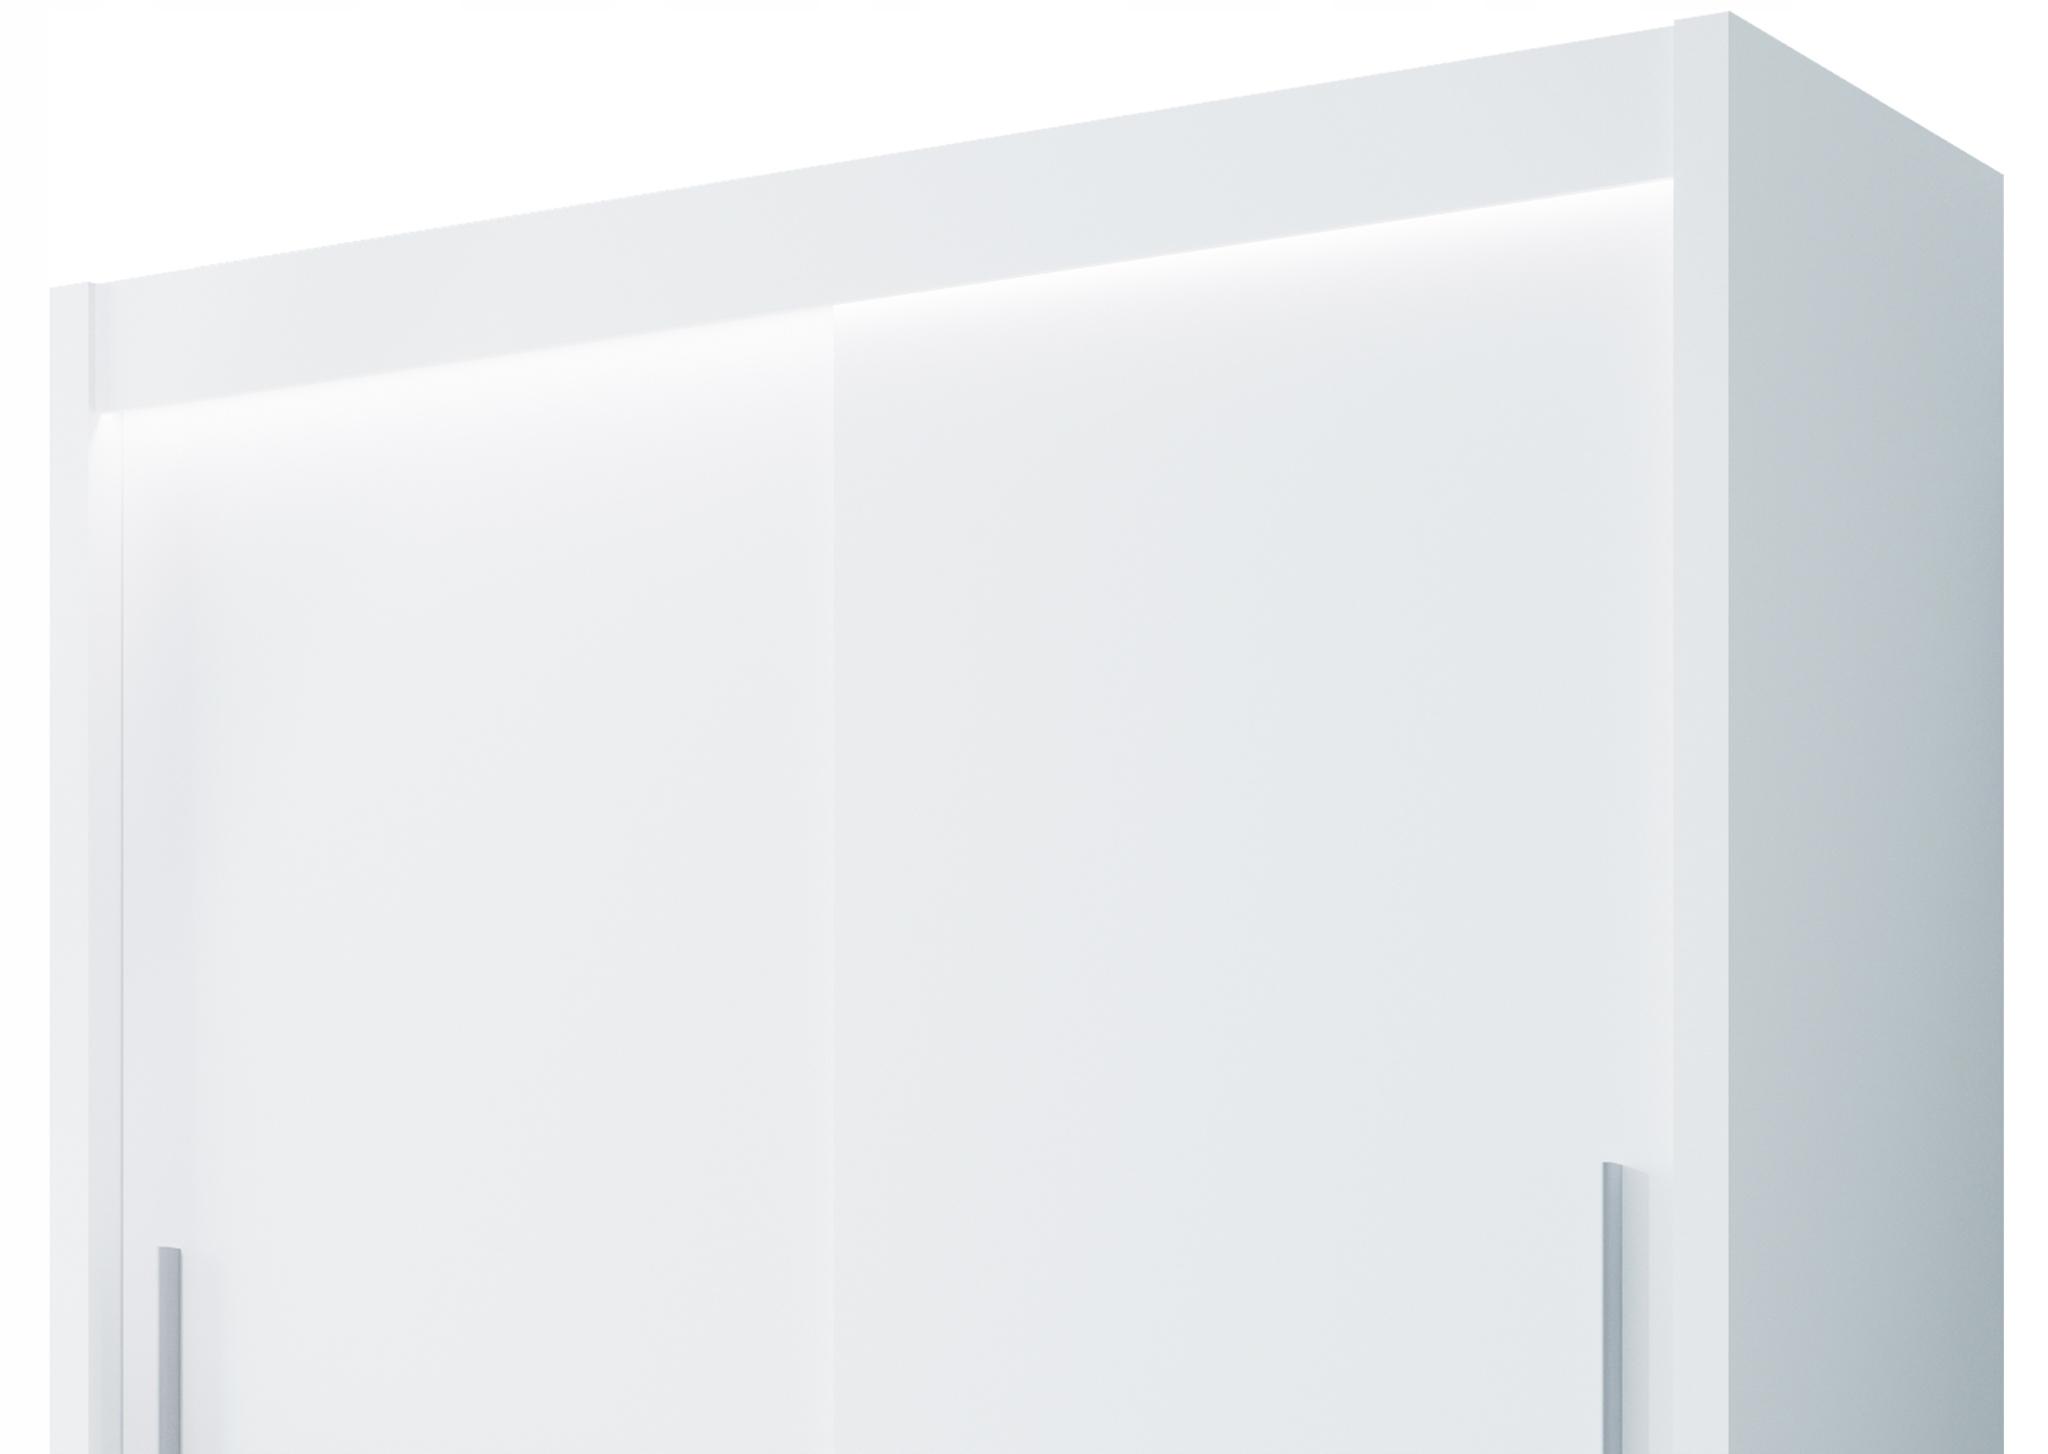 Dopłata do oświetlenia LED do szafy przesuwnej 180